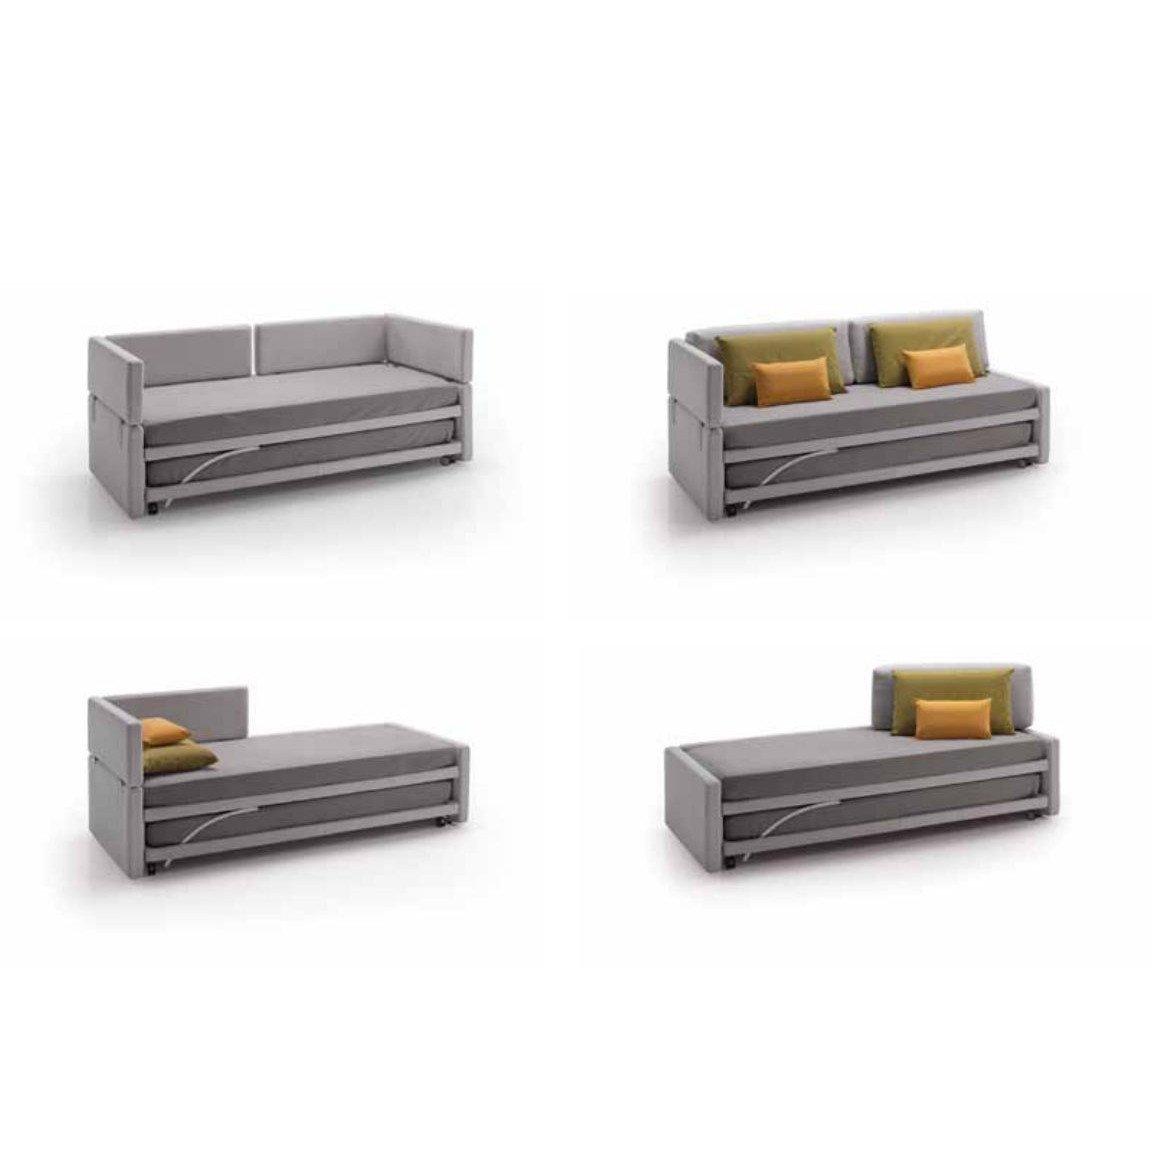 lit gigogne solal meubles et atmosph re. Black Bedroom Furniture Sets. Home Design Ideas